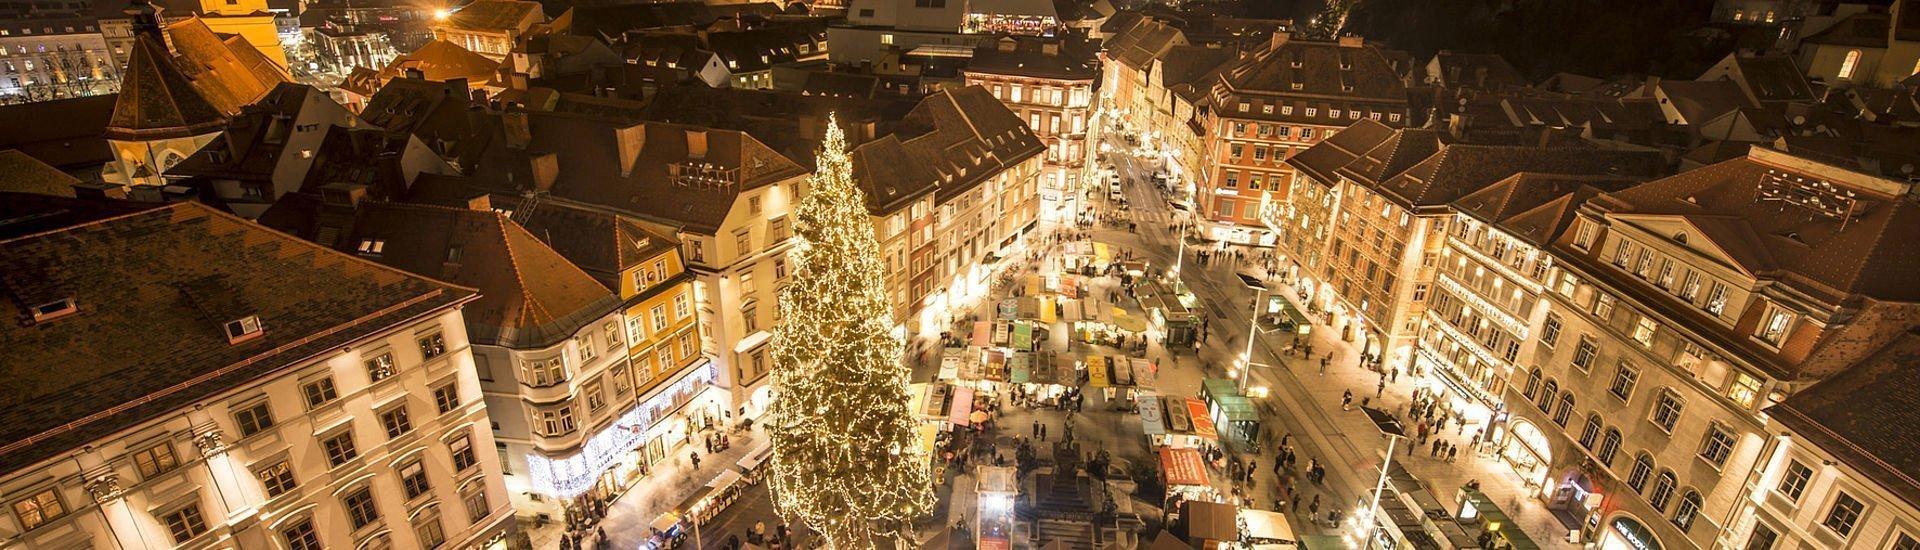 Abendstimmung am Weihnachtsmarkt am Hauptplatz in Graz